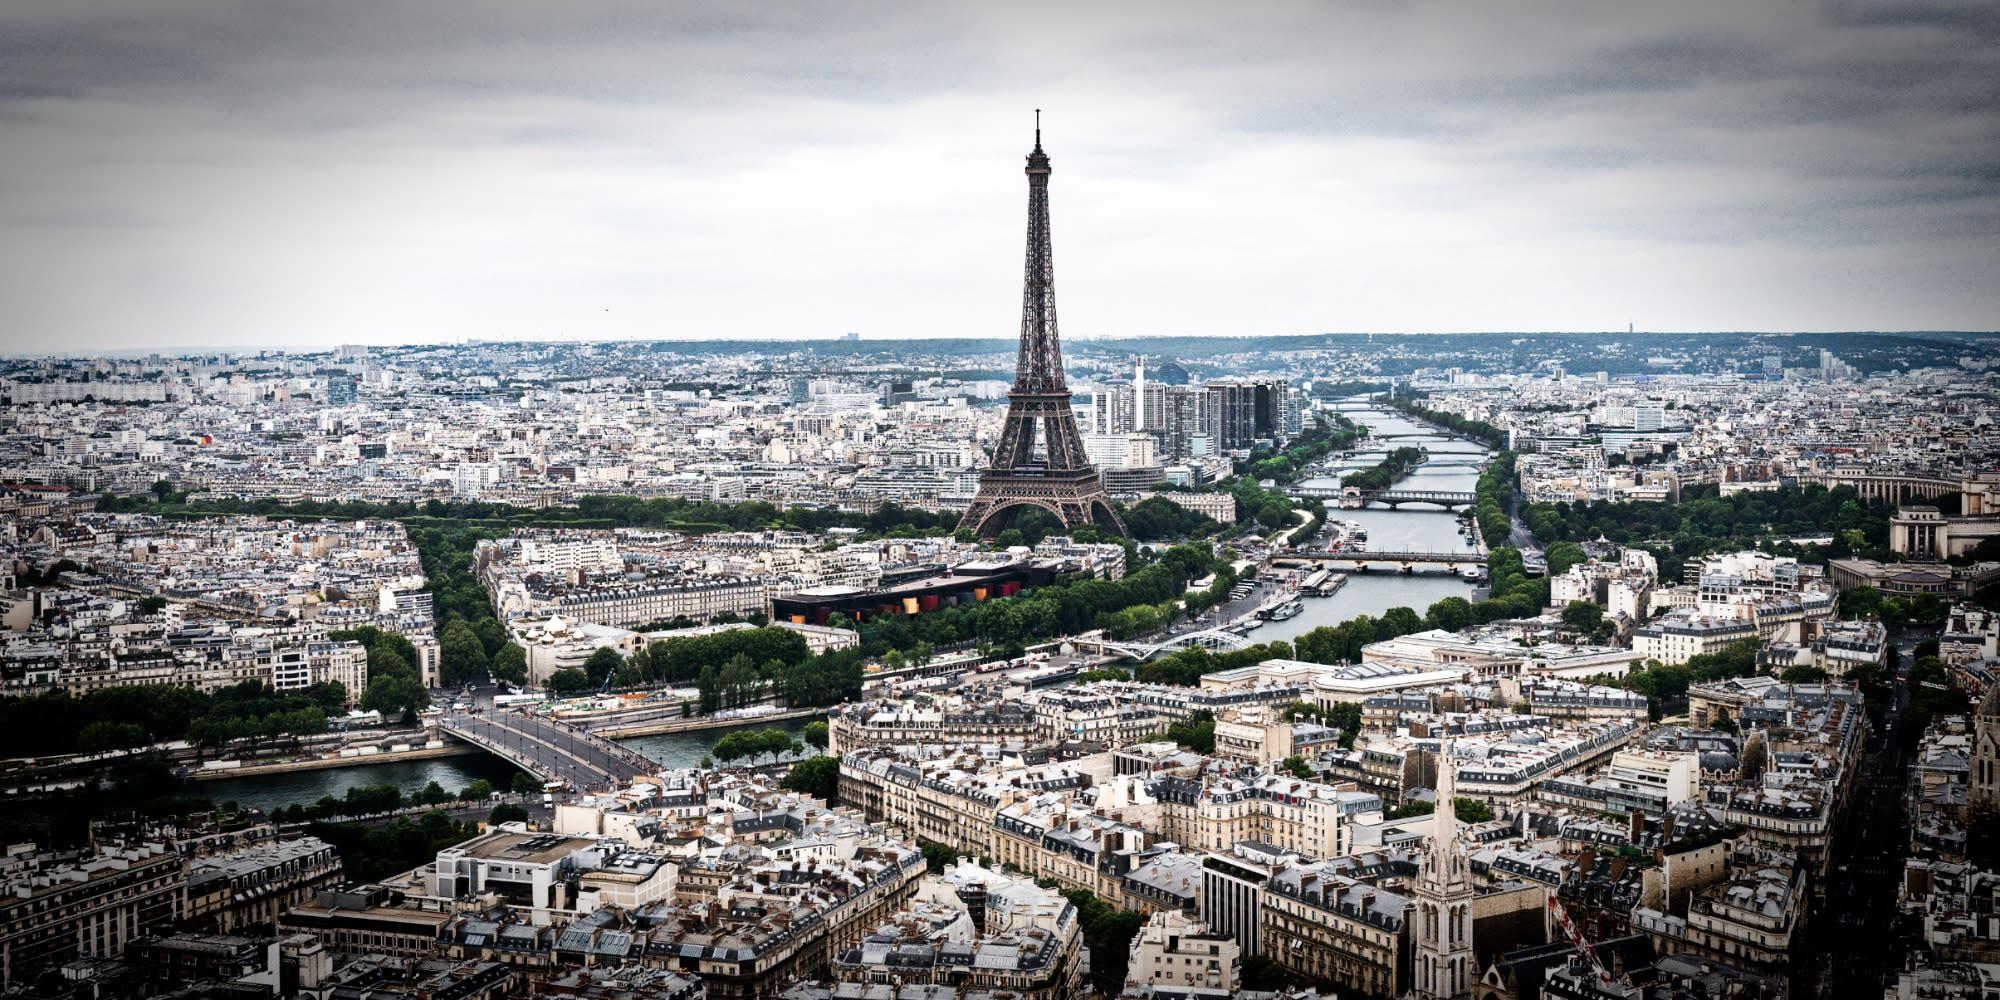 C'est officiel, Paris a sa police municipale (mais sans arme létale)